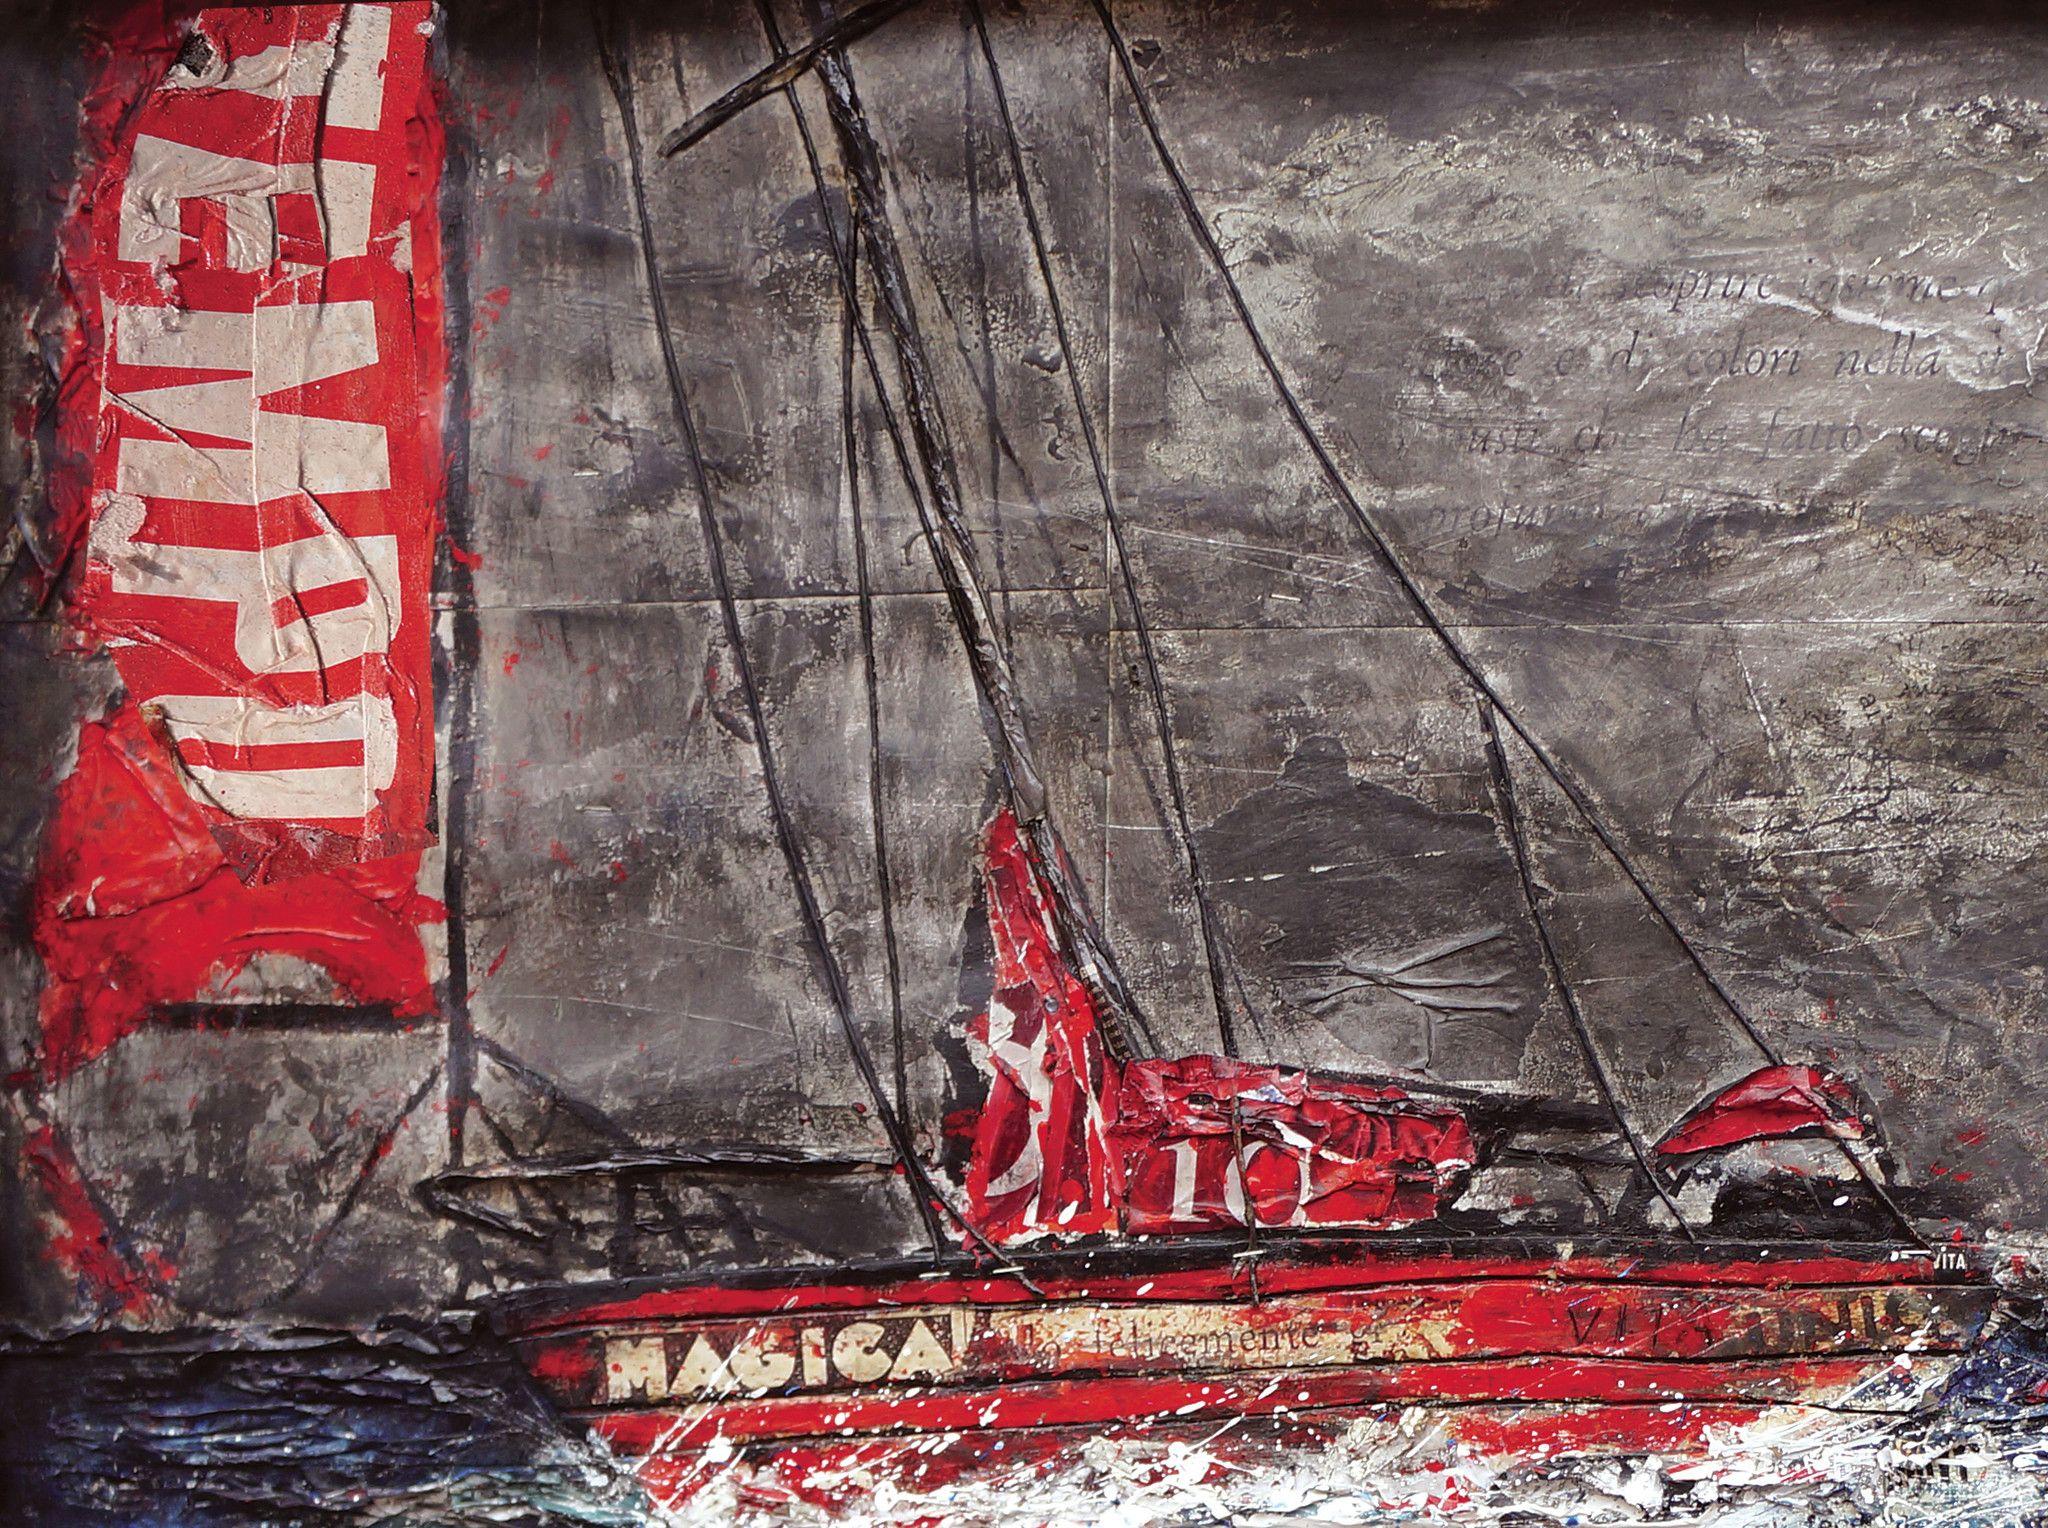 """MIXED MEDIA PAOLO FRANZOSO """" V.I.T.A. (UNA STORIA D'AMORE)  dimensioni L 139 x H 87 cm."""